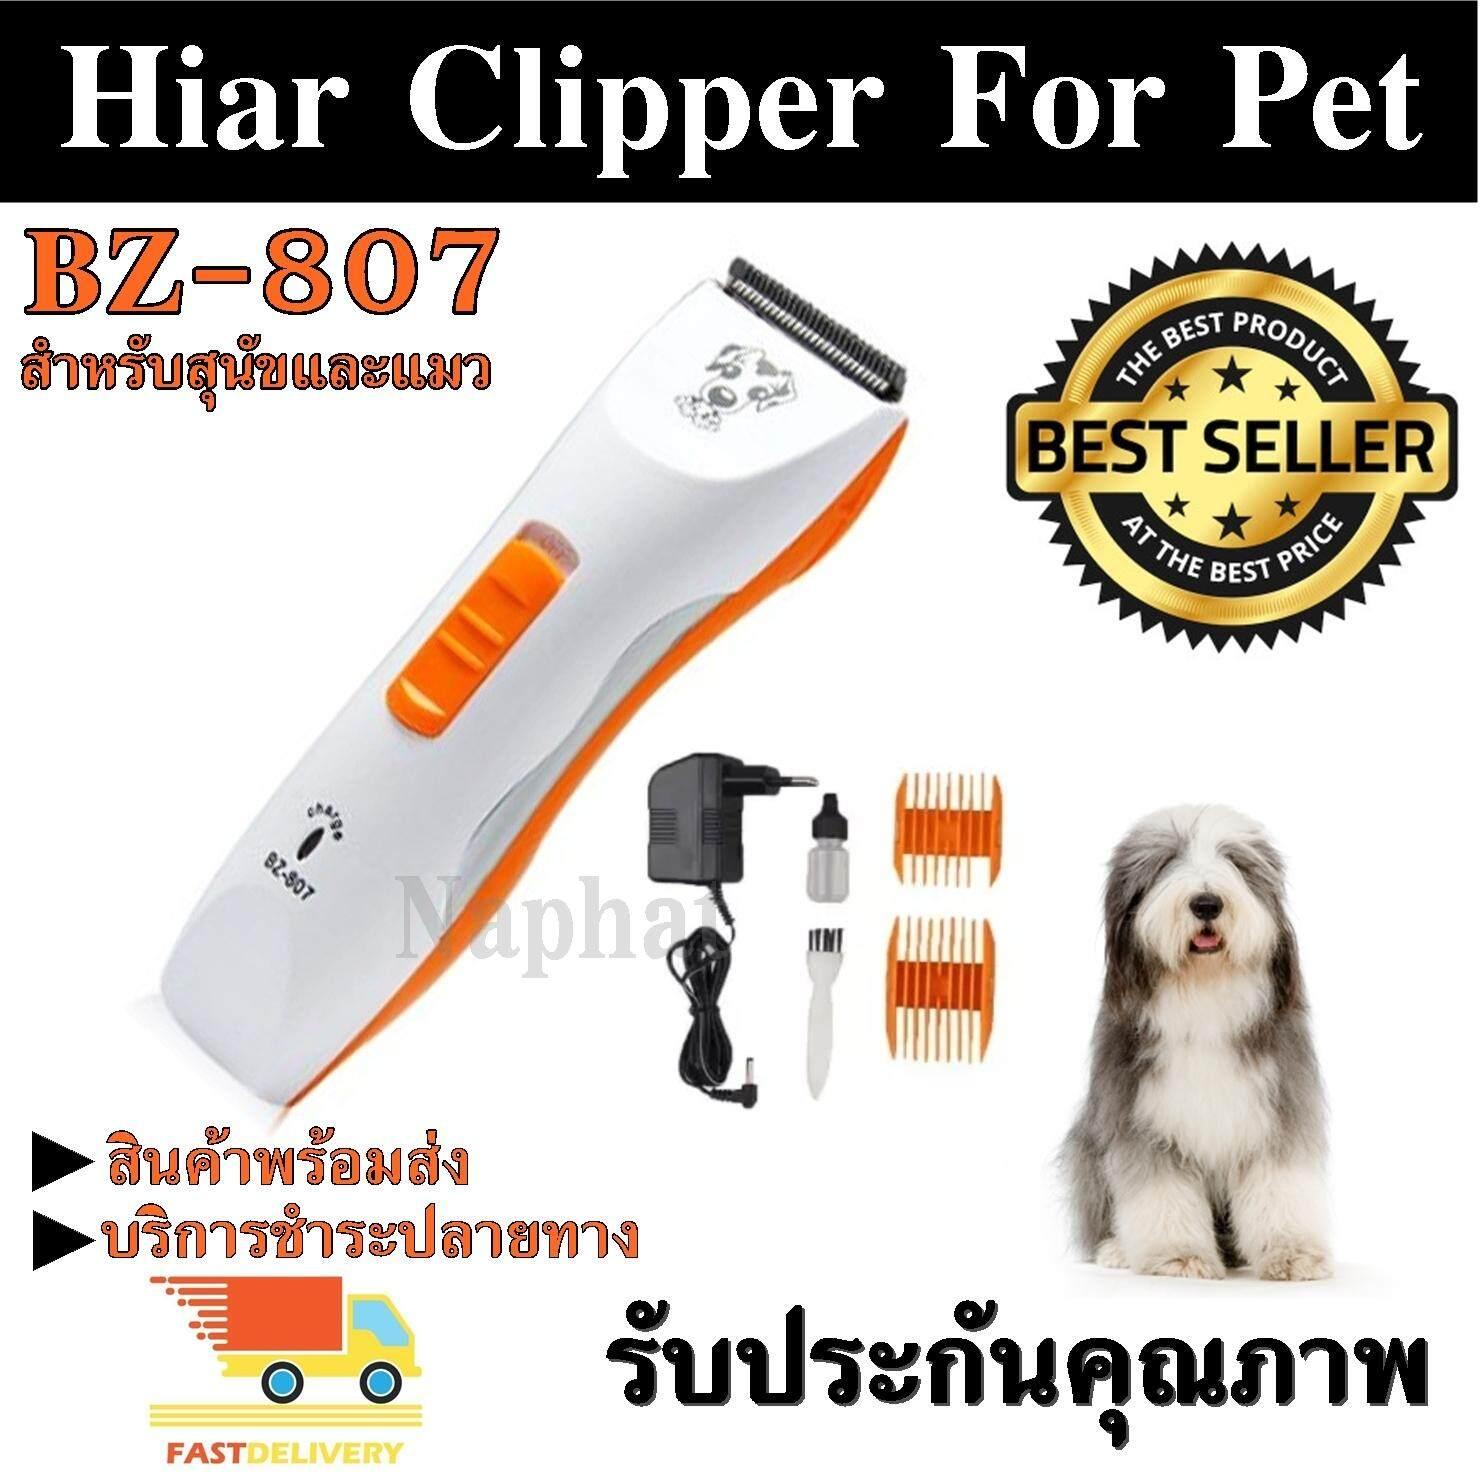 ปัตตาเลี่ยนตัดขนสุนัขและแมวไร้สาย รุ่น Bz-807 ปัตตาเลี่ยนตัดขนดีไซน์สวยงาม ไร้สาย คละสี รับประกันสินค้า สินค้าแนะนำ พร้อมของแถมในกล่อง By Naphat.